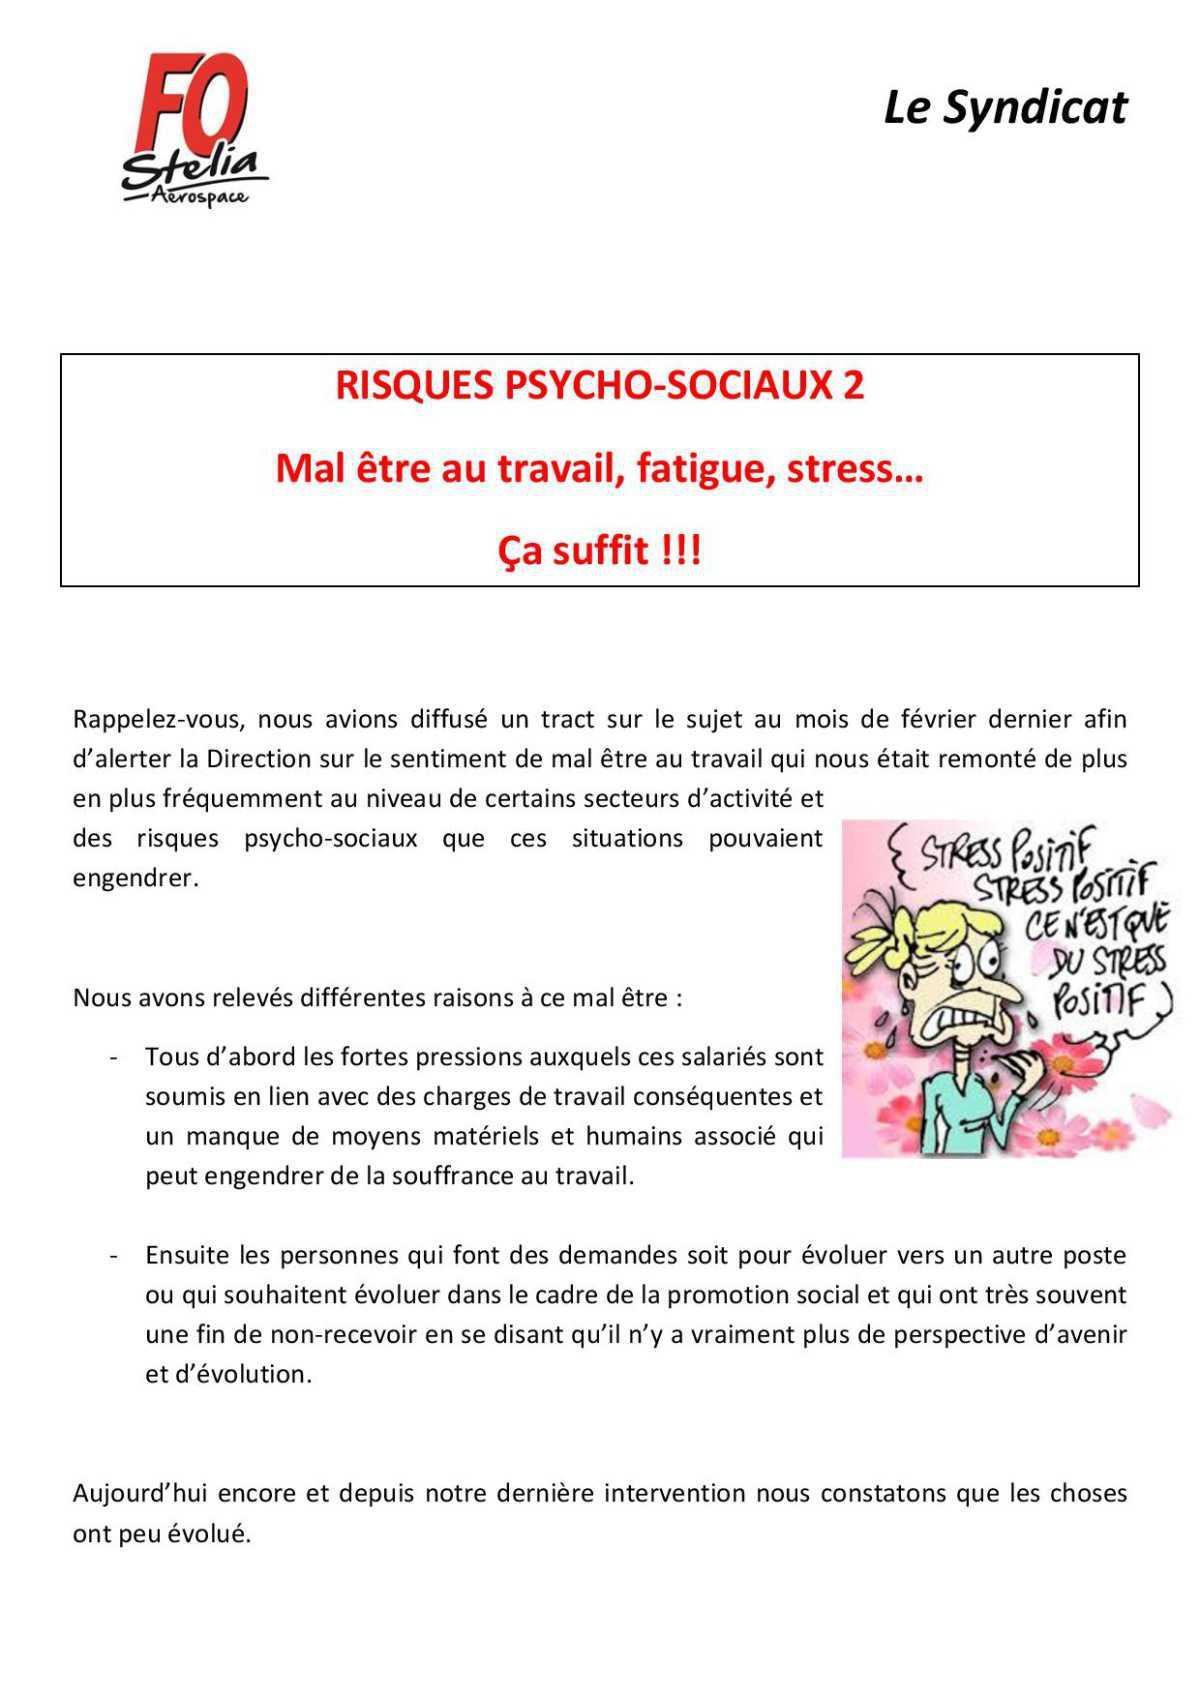 Risques psycho-sociaux 2